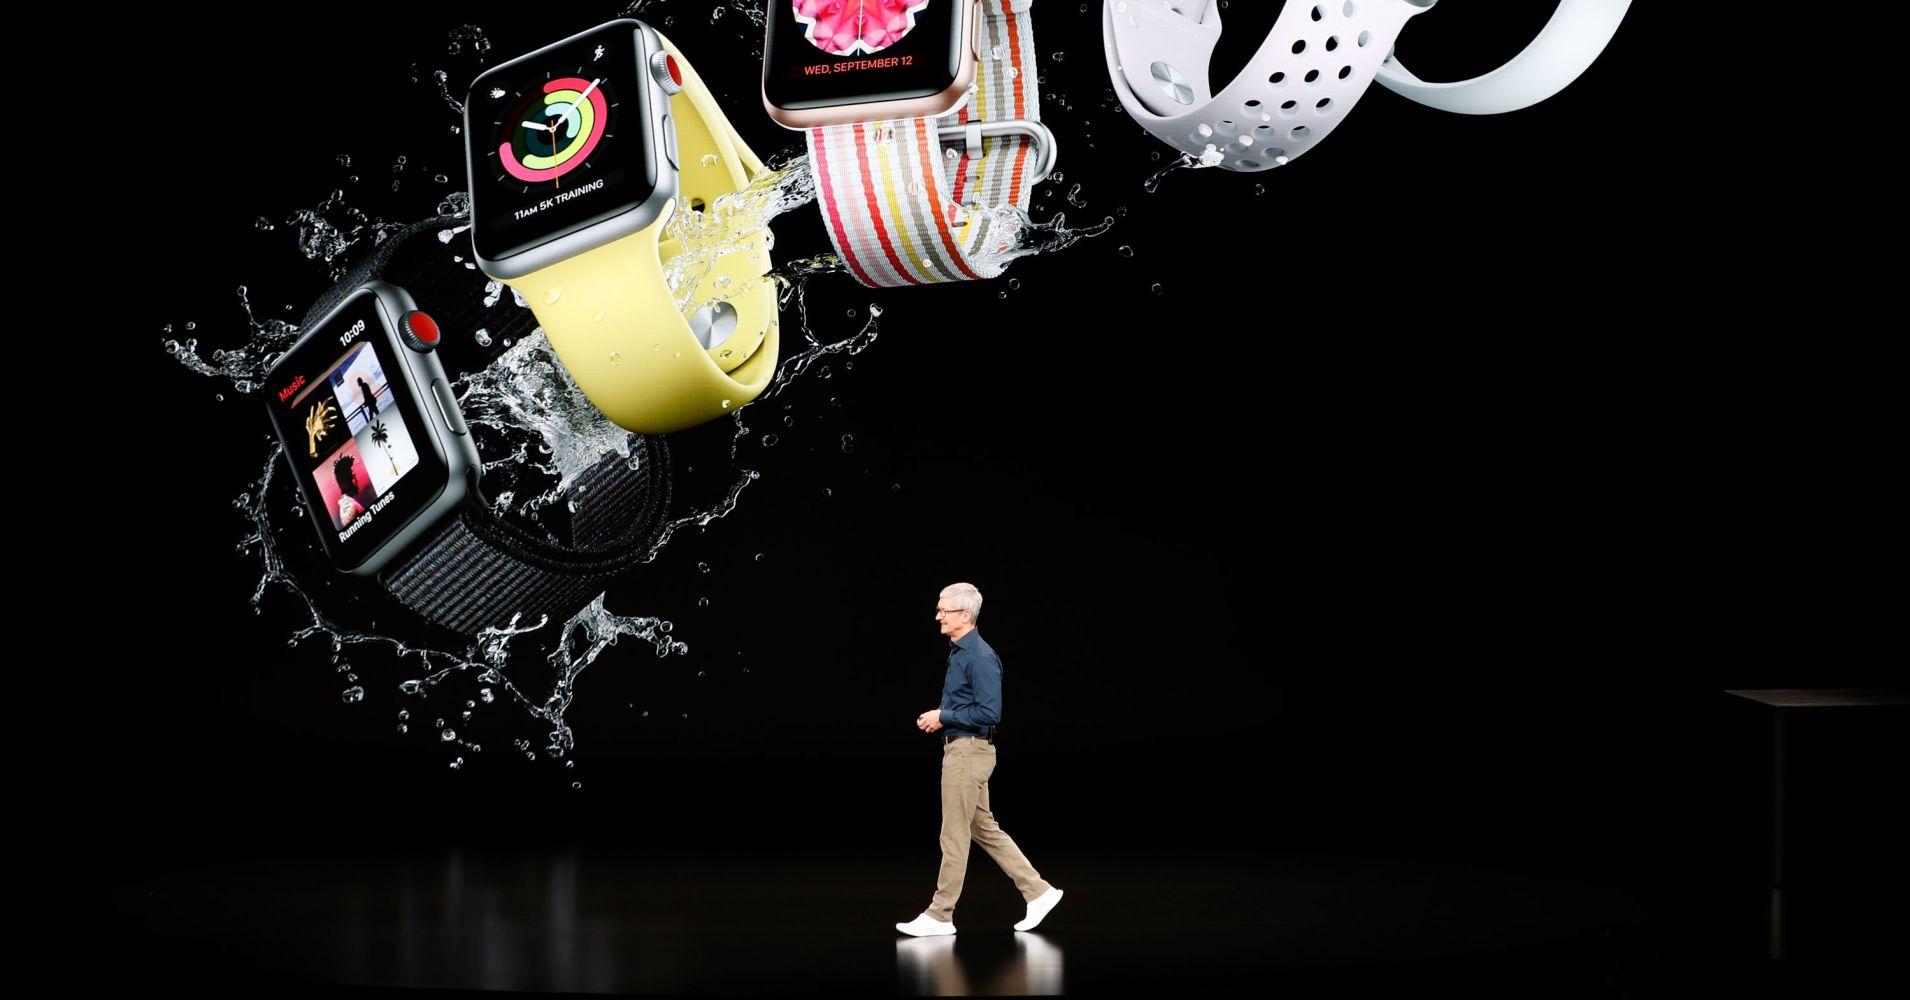 苹果公司拟捐赠1000块智能手表研究暴饮暴食